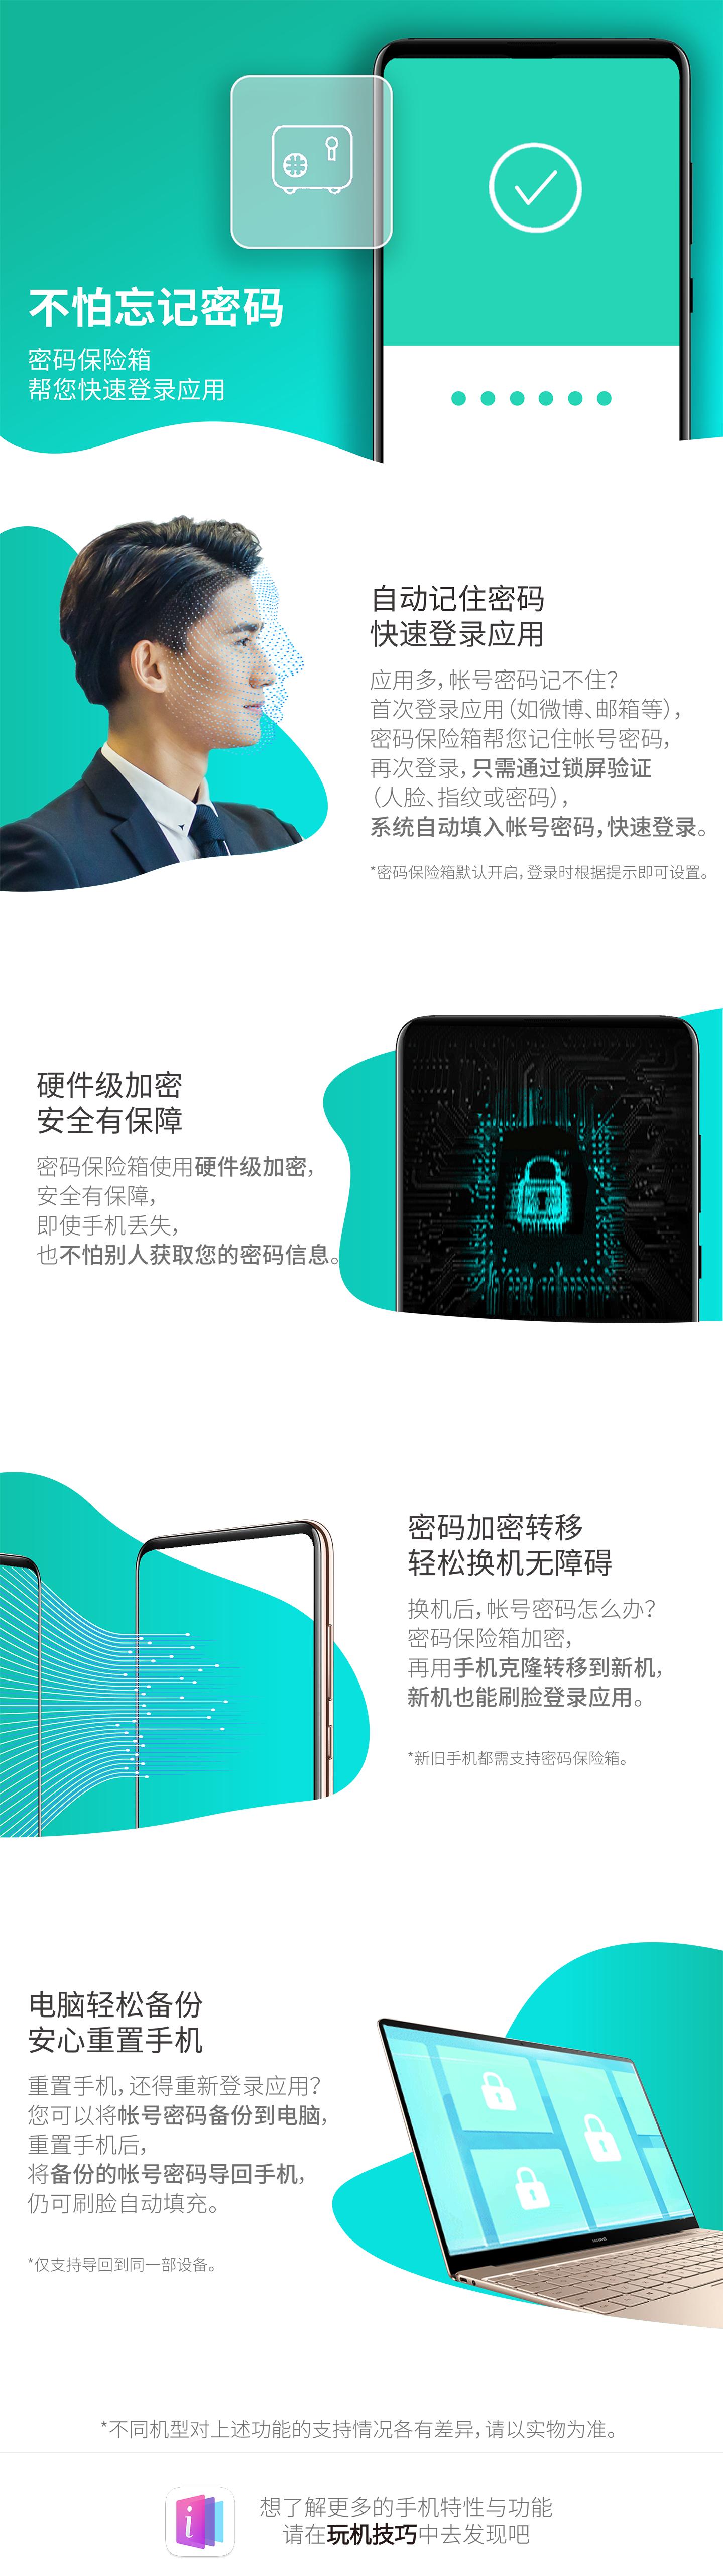 密码保险箱信息图.png